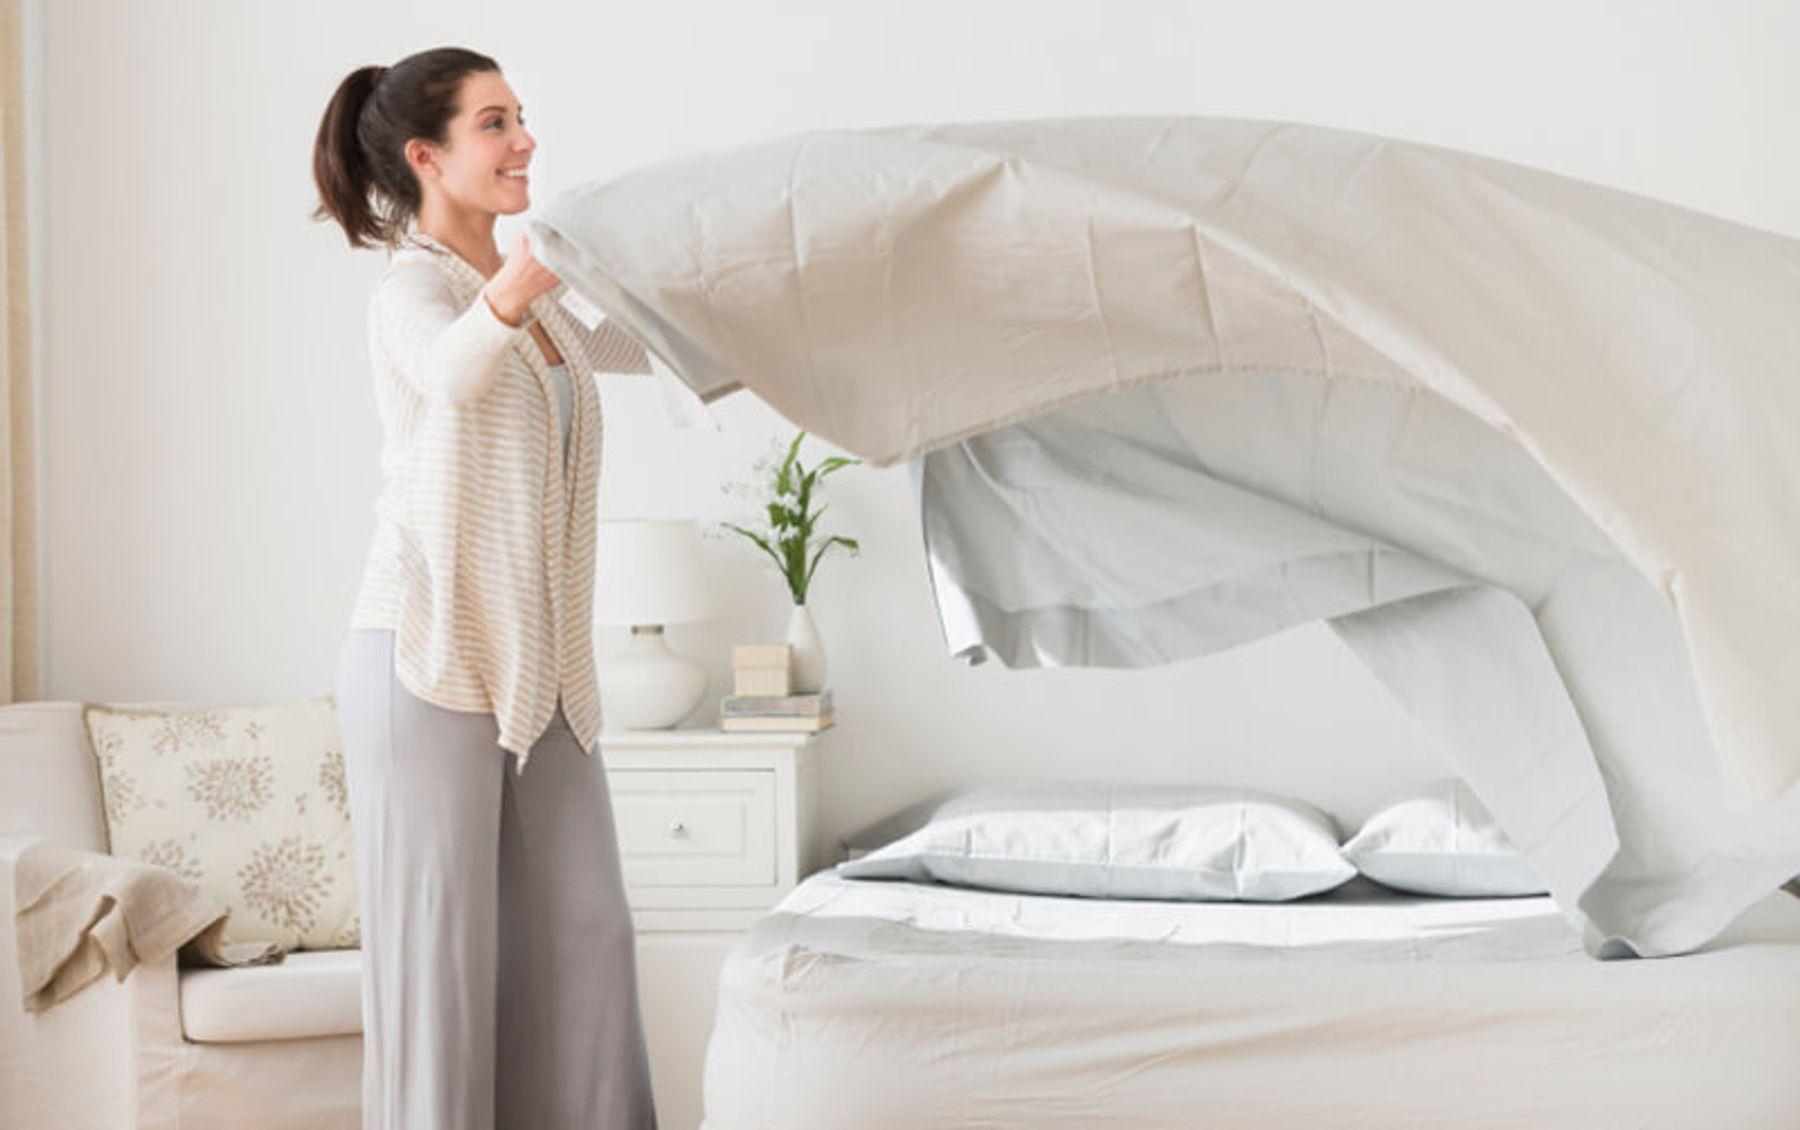 Cách khử mùi và làm thơm nệm tại nhà